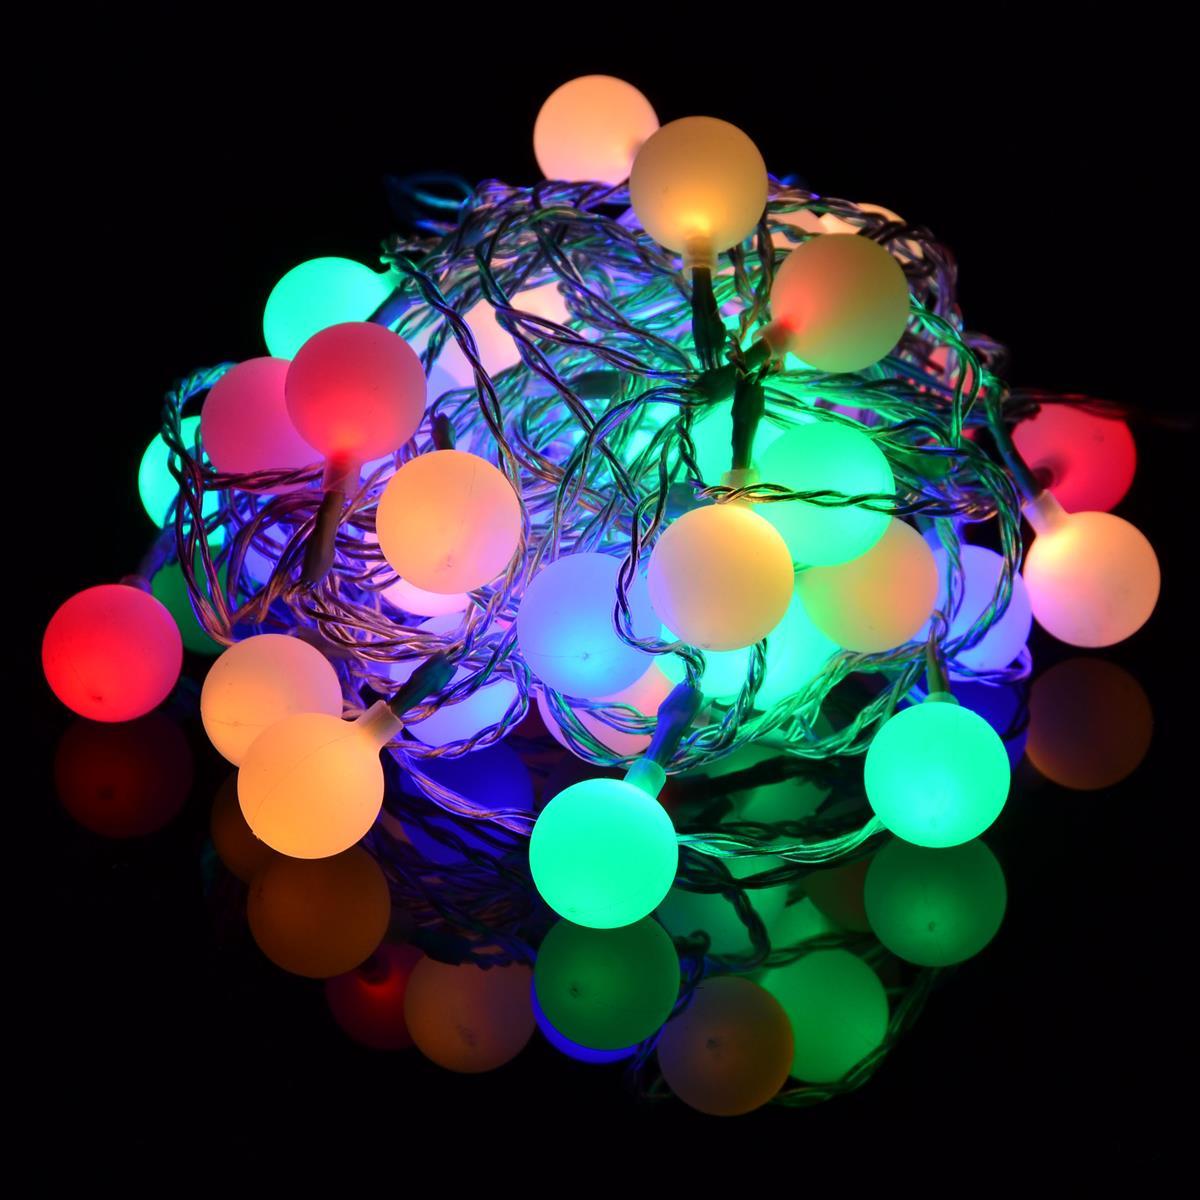 Farbige Lichterkette Lichterkette Led Bunte Led Lichterkette